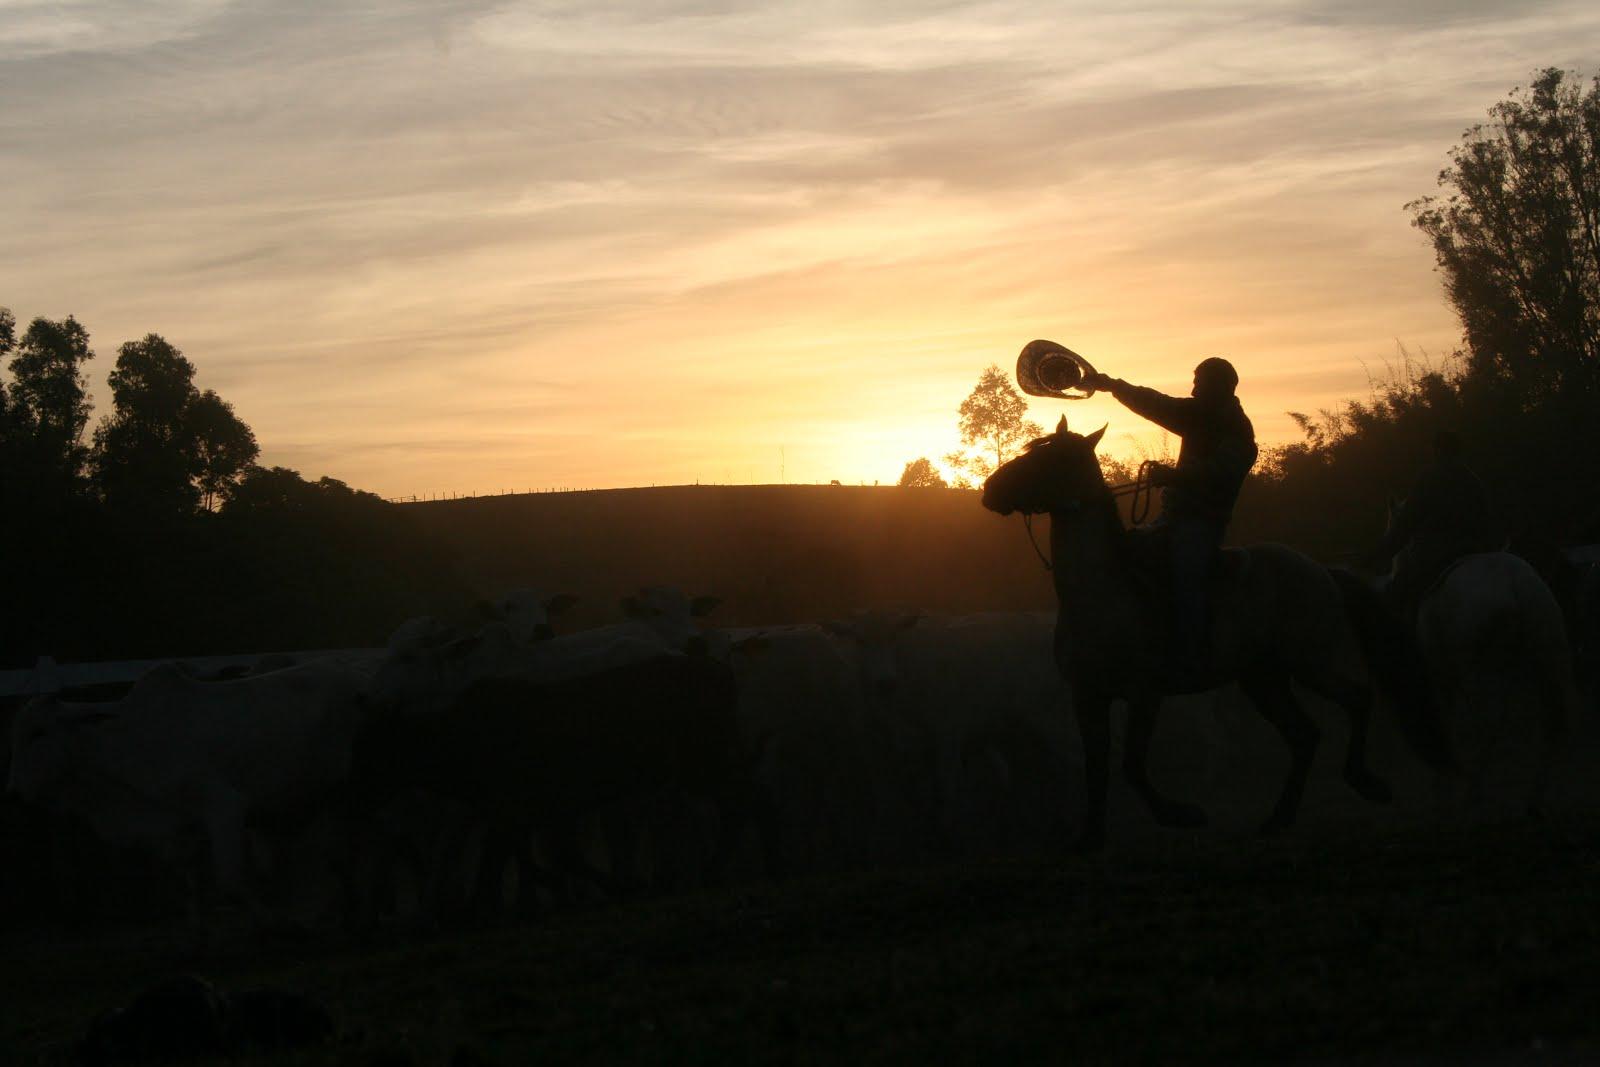 tocando-gado-por-do-sol-nelore